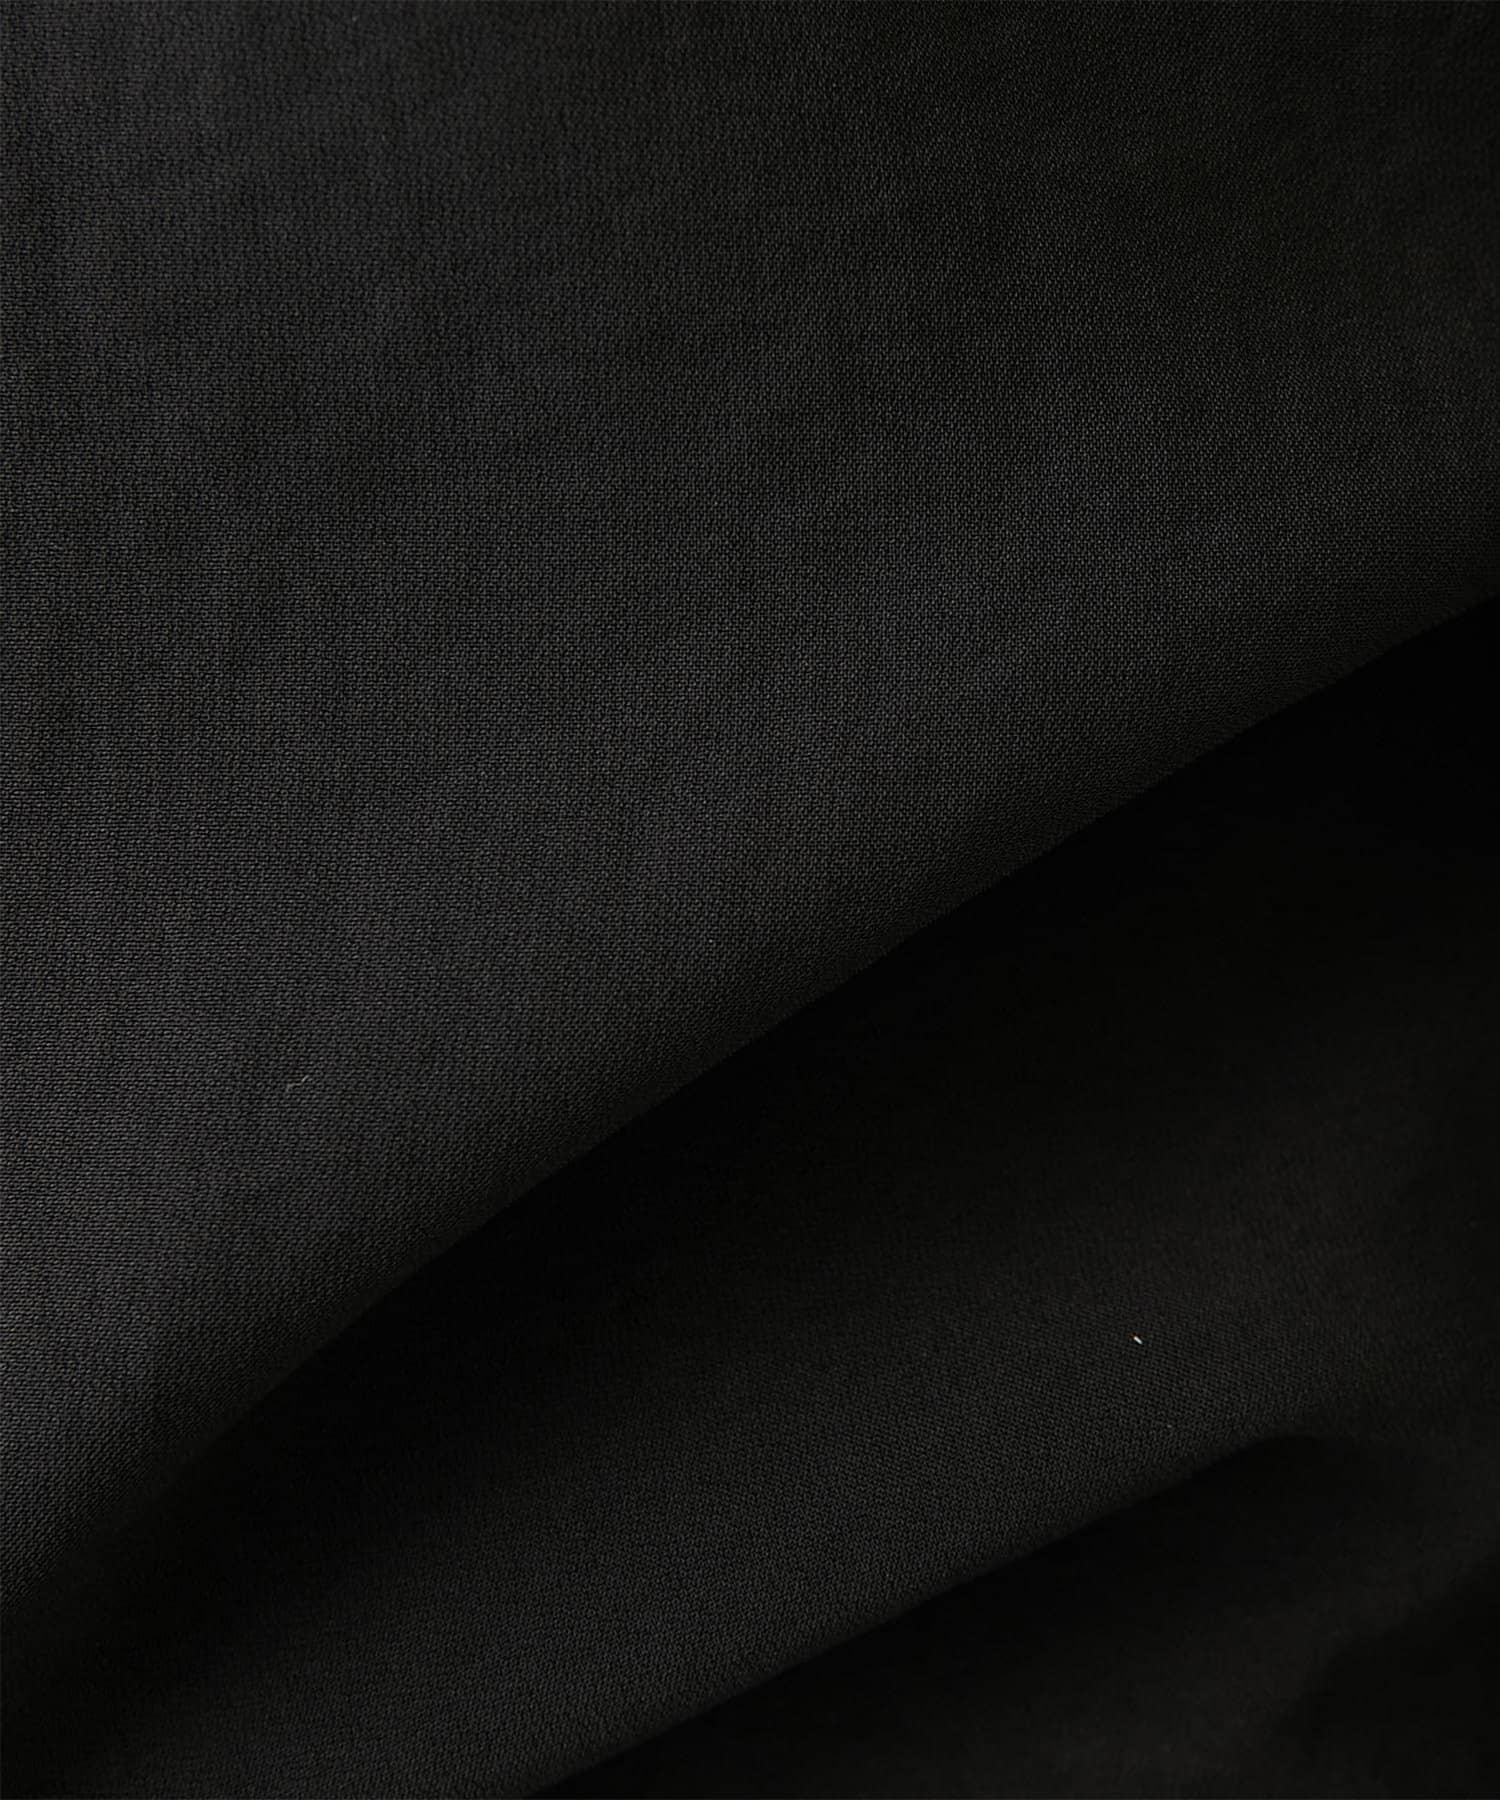 GALLARDAGALANTE(ガリャルダガランテ) ジャージーカーブブラウス